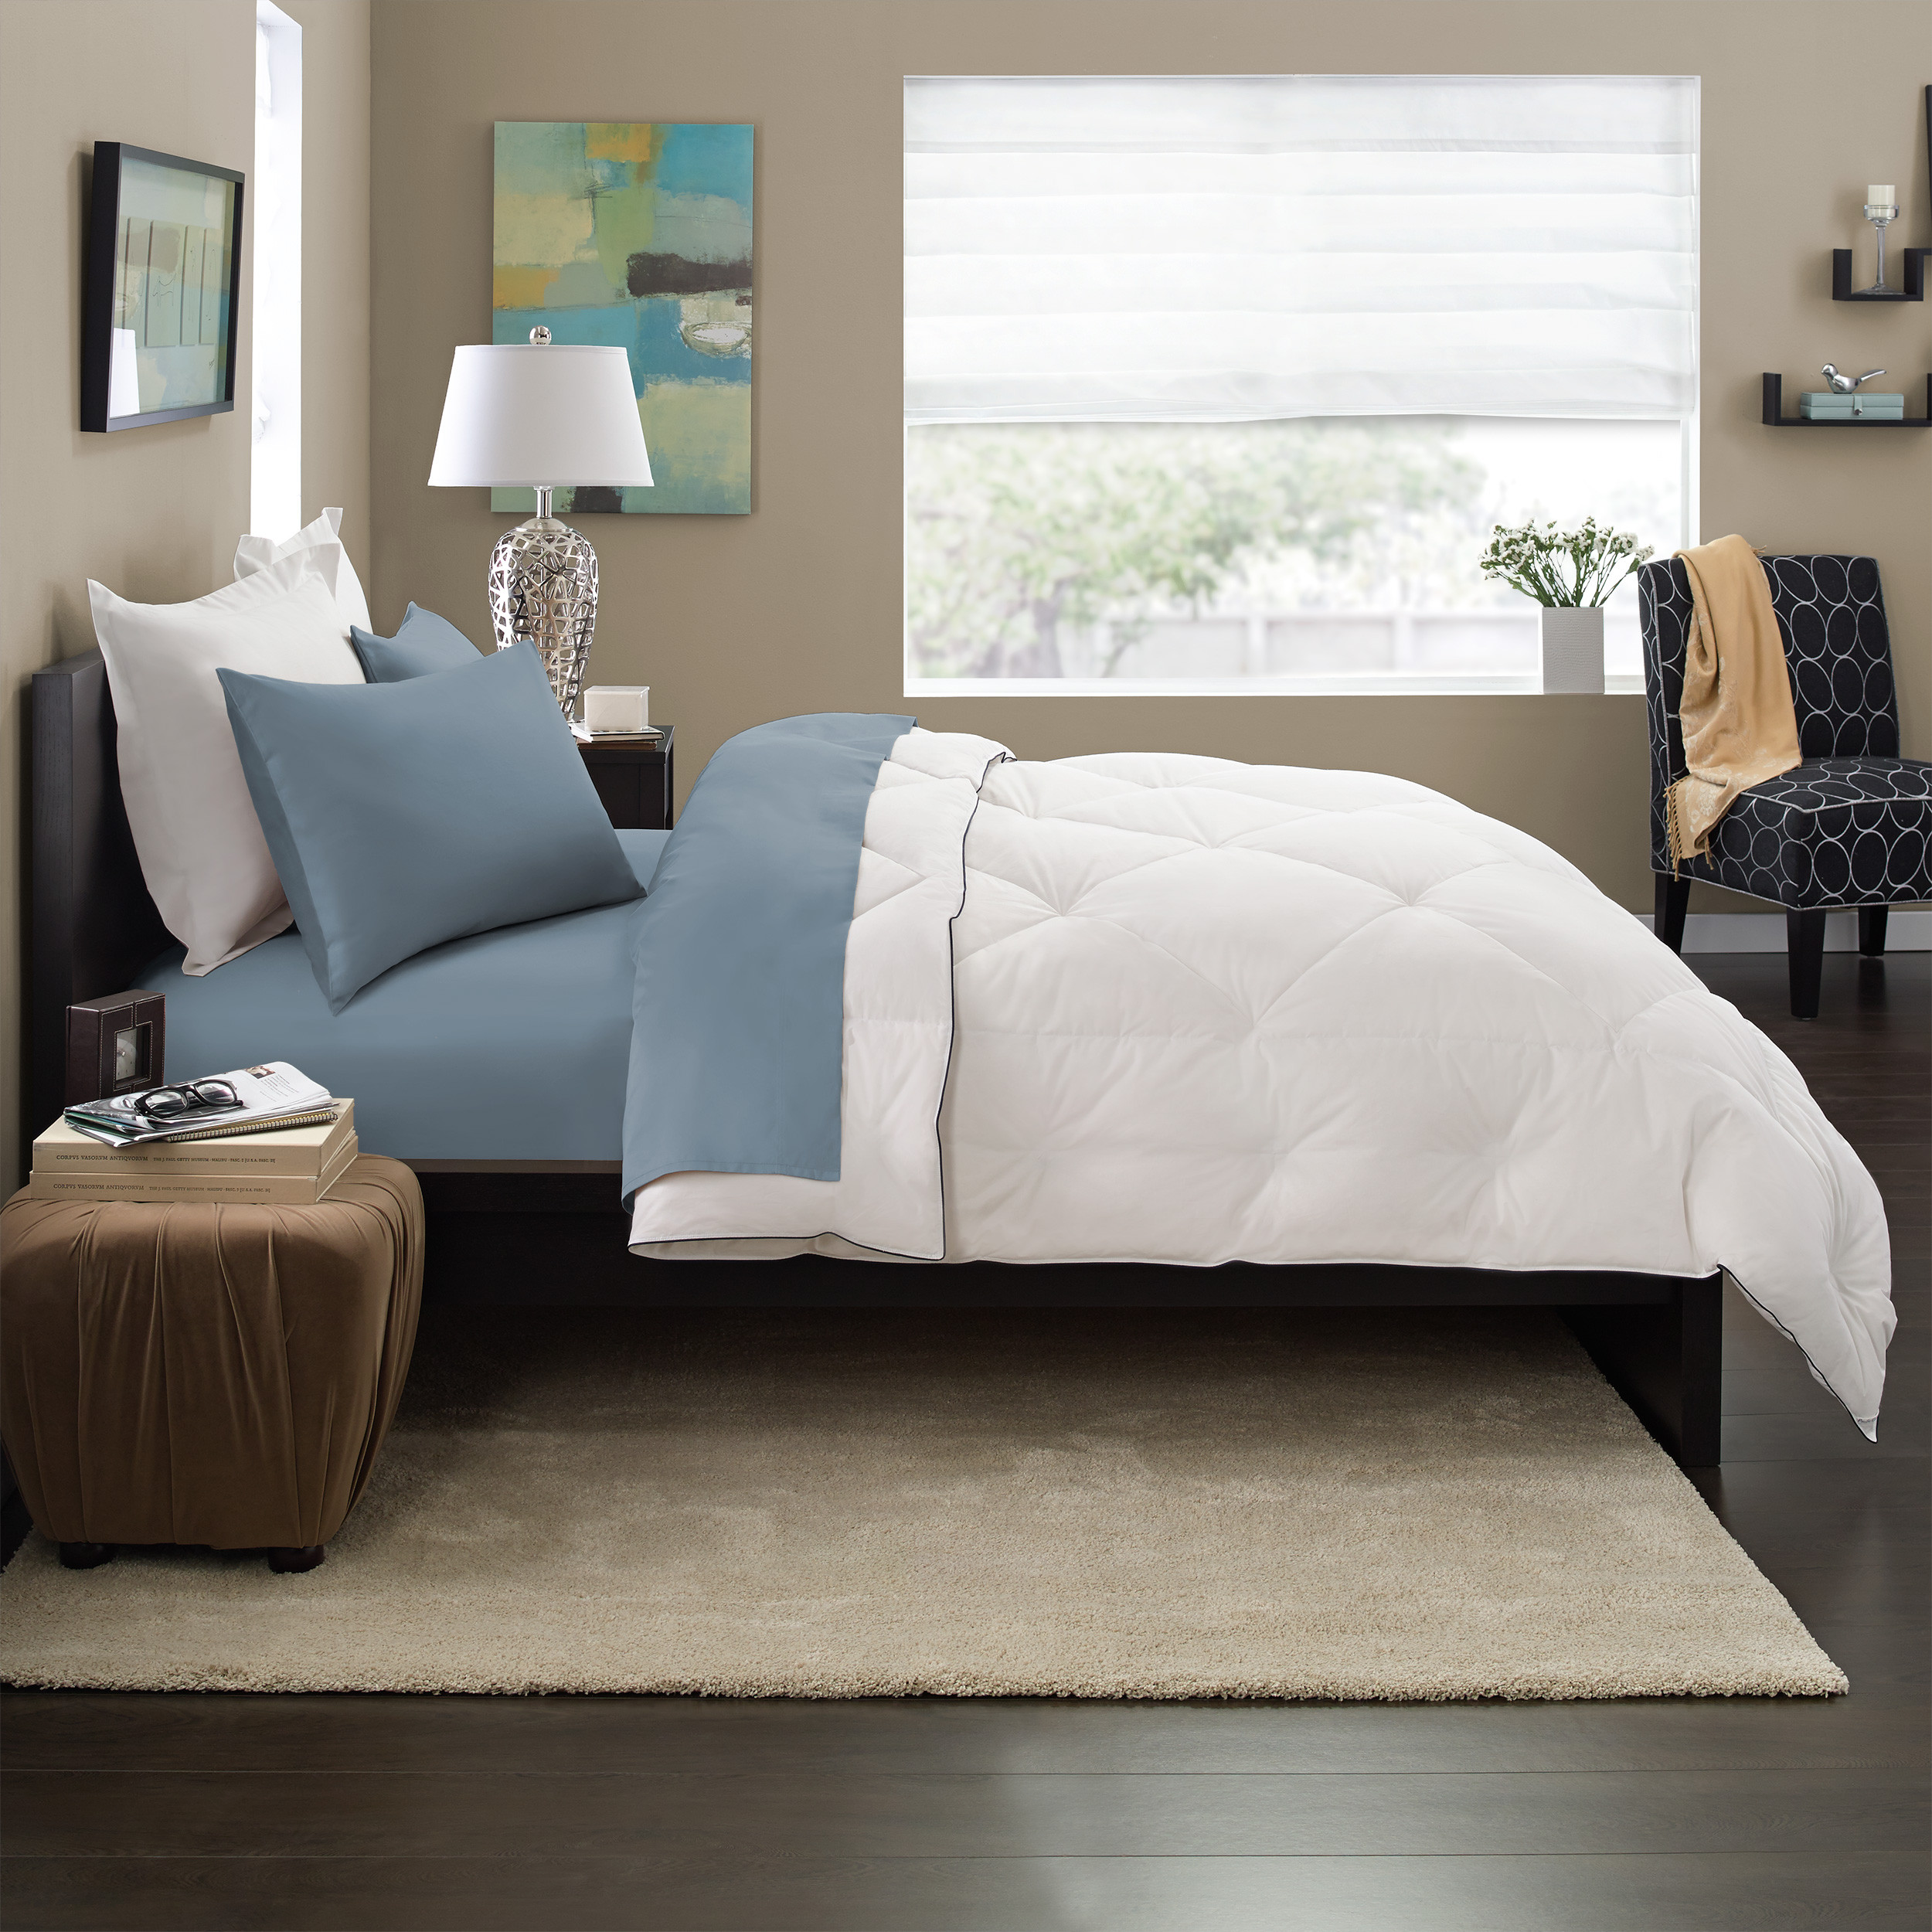 Shop Premier Down Comforter